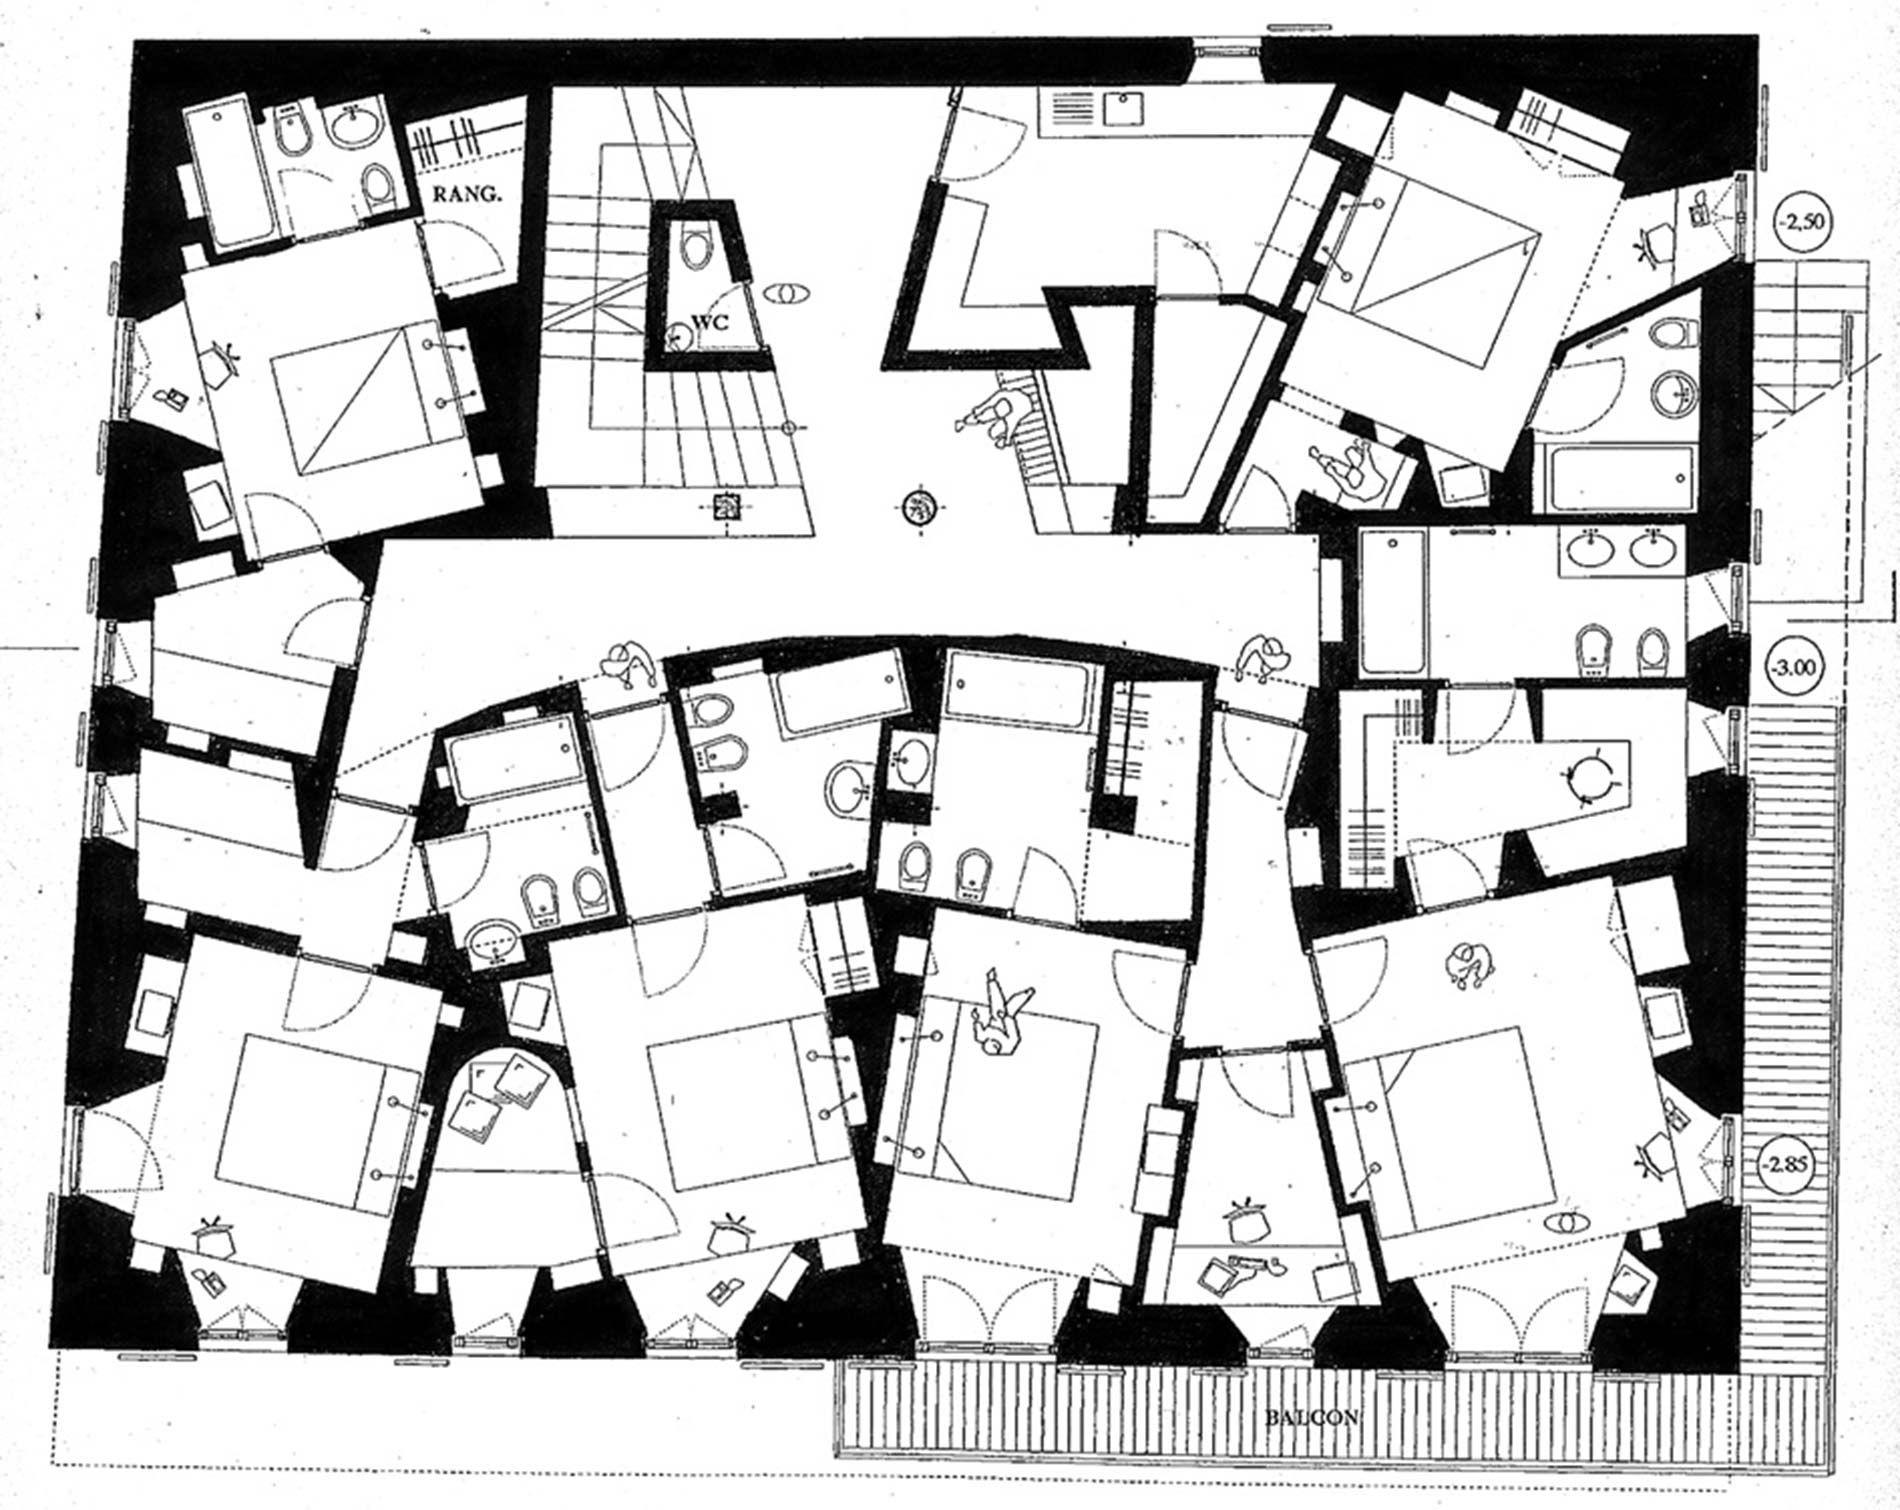 Chalet Prive A Megeve Plan Dessin Architecte Megeve Plan Logement